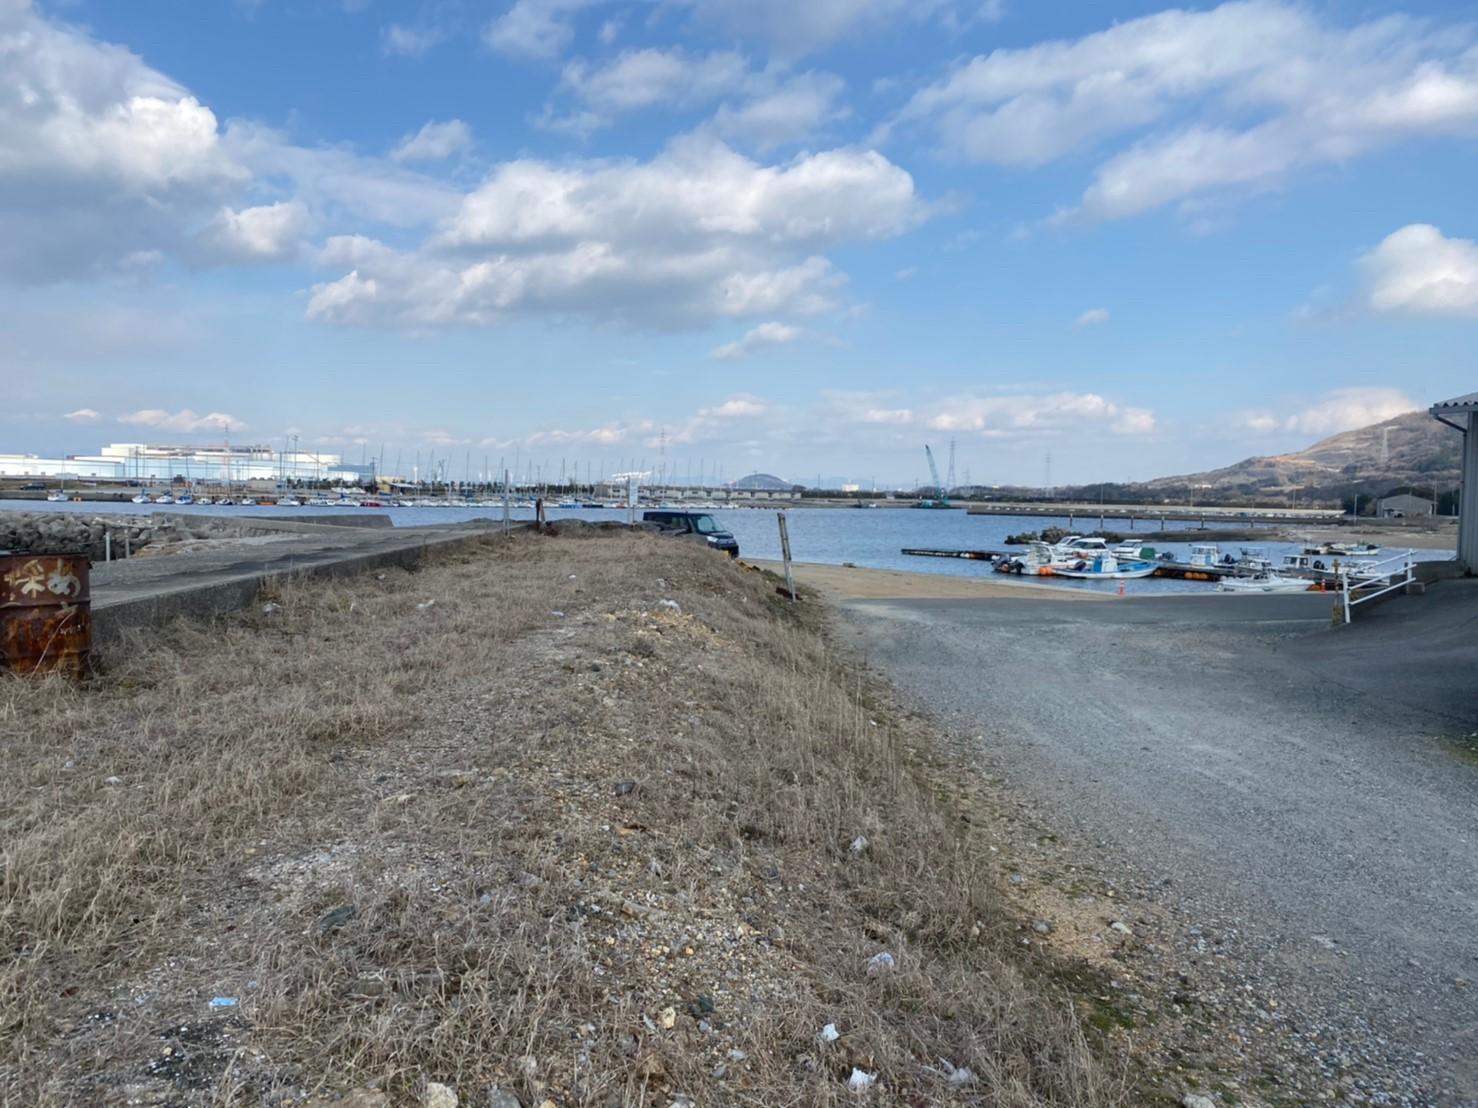 【夜が賑やかな港】『姫島漁港:ひめじまぎょこう』の釣り場ガイド(駐車場・トイレ・釣れる魚)